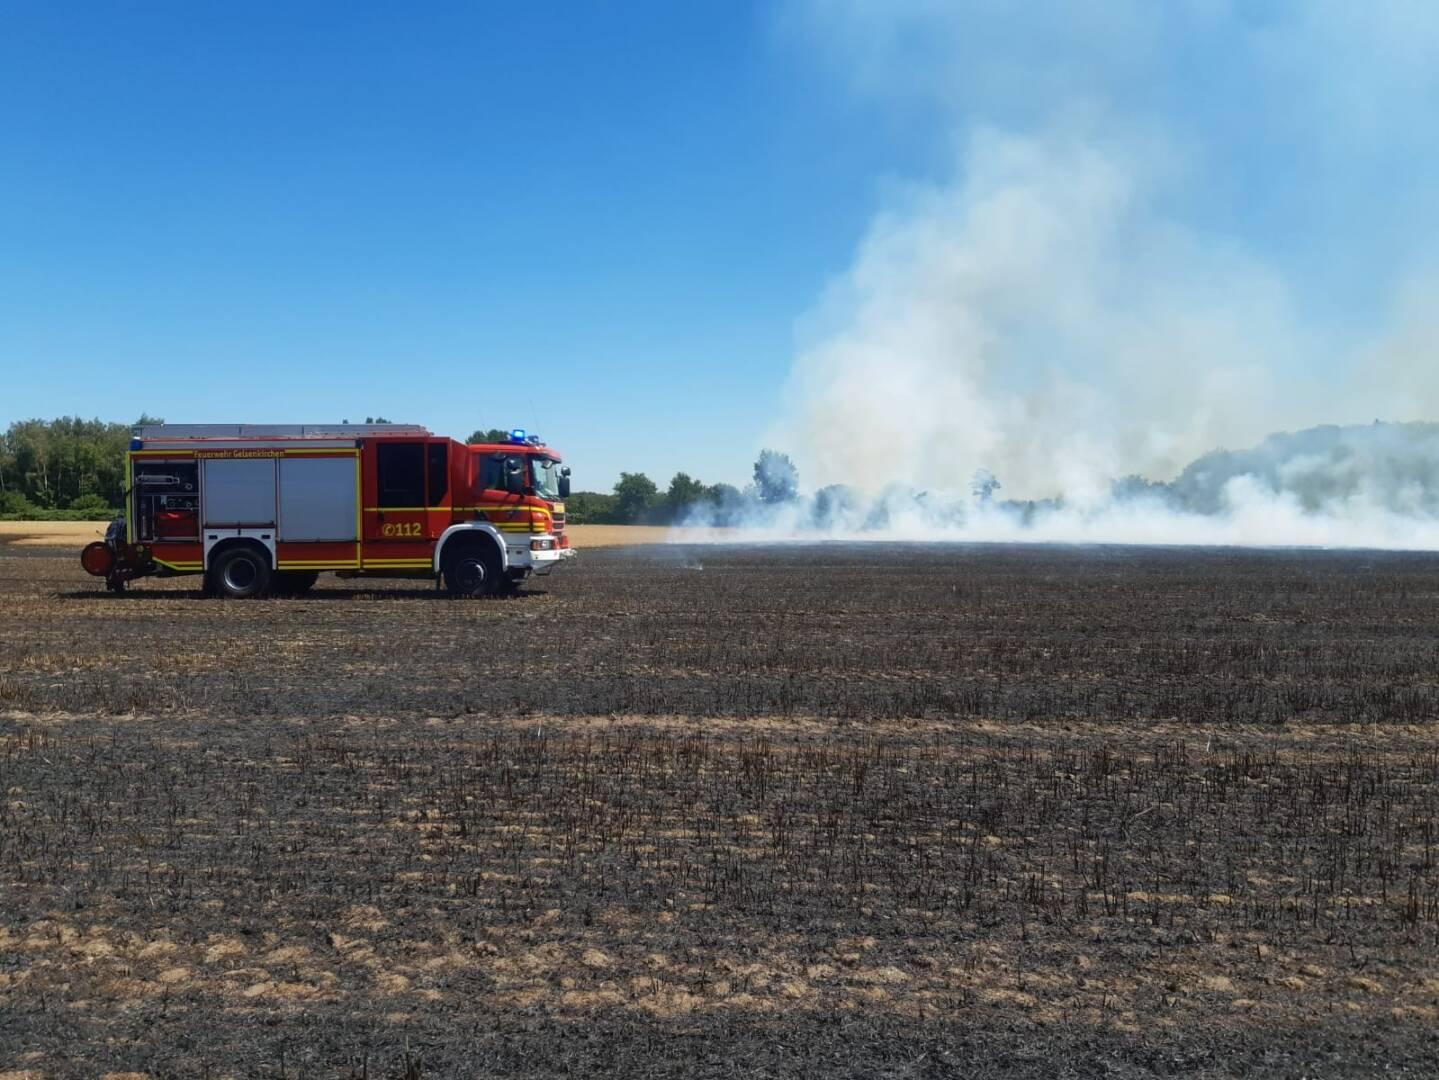 Die Kräfte der Berufs- und Freiwilligen Feuerwehr konnten die Flammen am Stoppelfeld nach einer guten Stunde unter Kontrolle bringen.